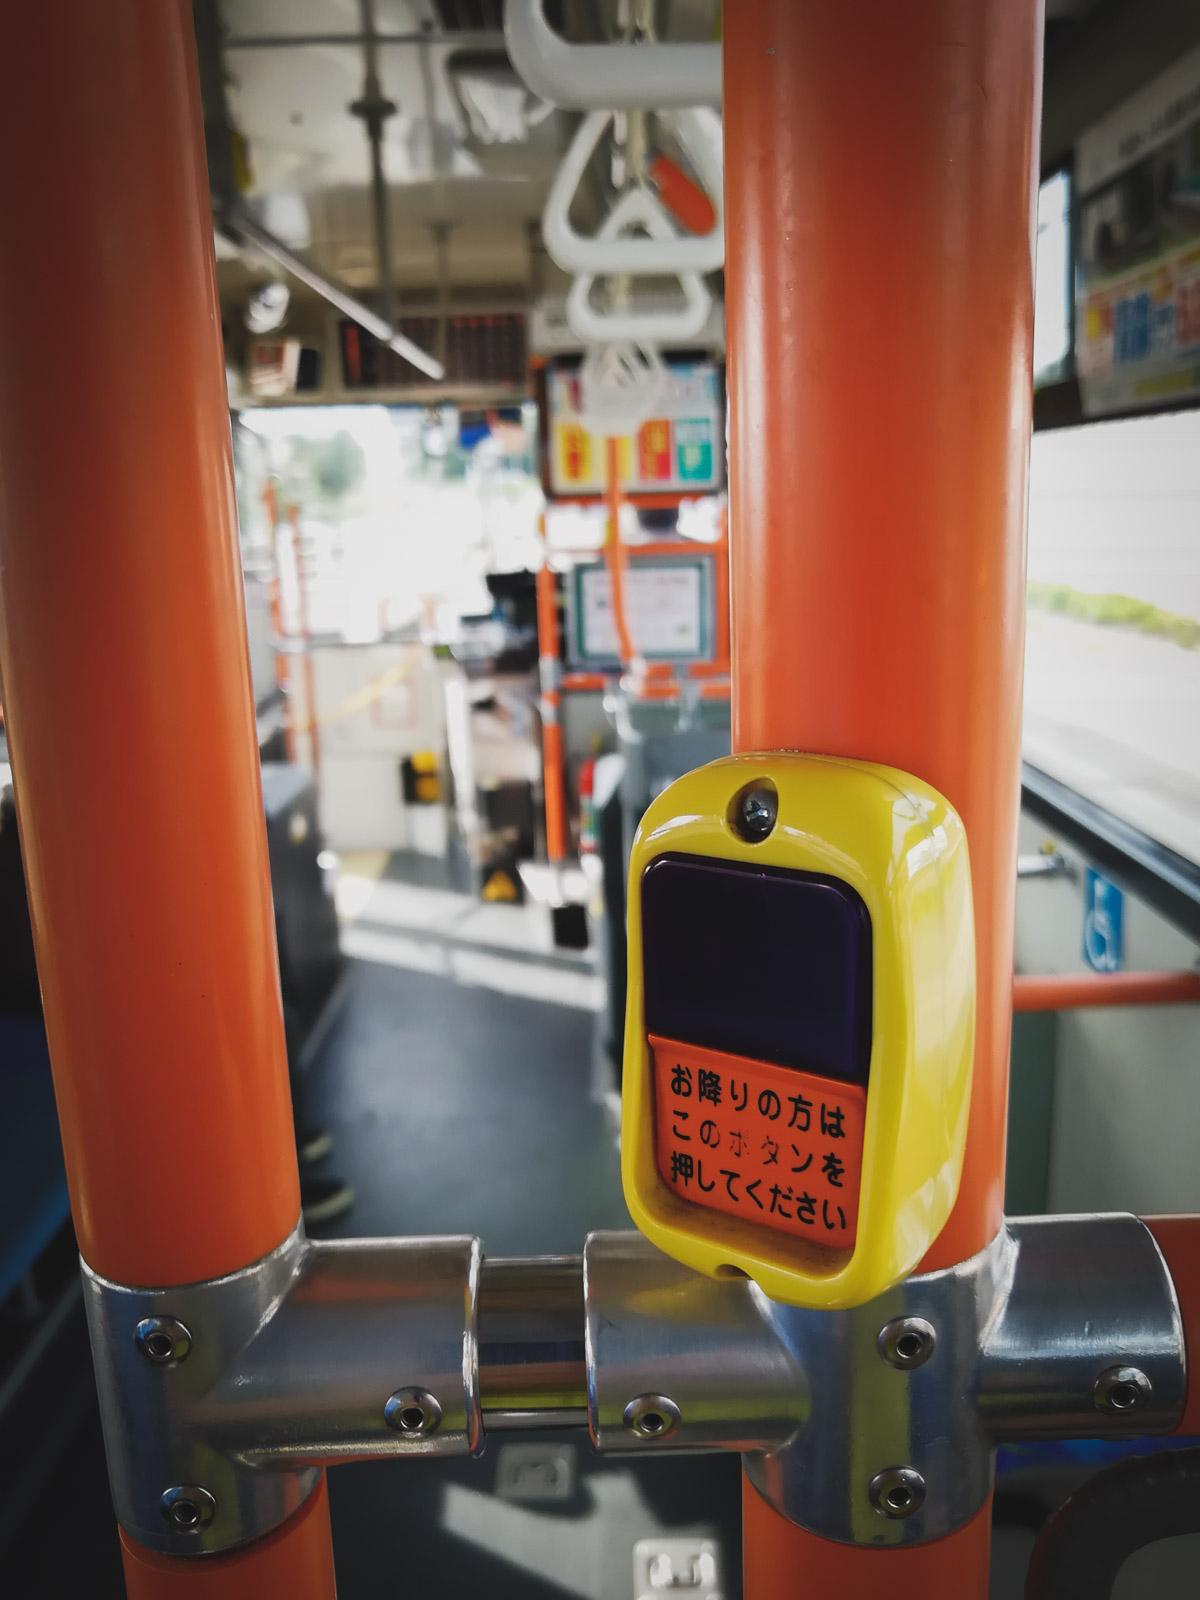 函館バス130系統の車内 降車ボタンのアップ 撮影:HWV31